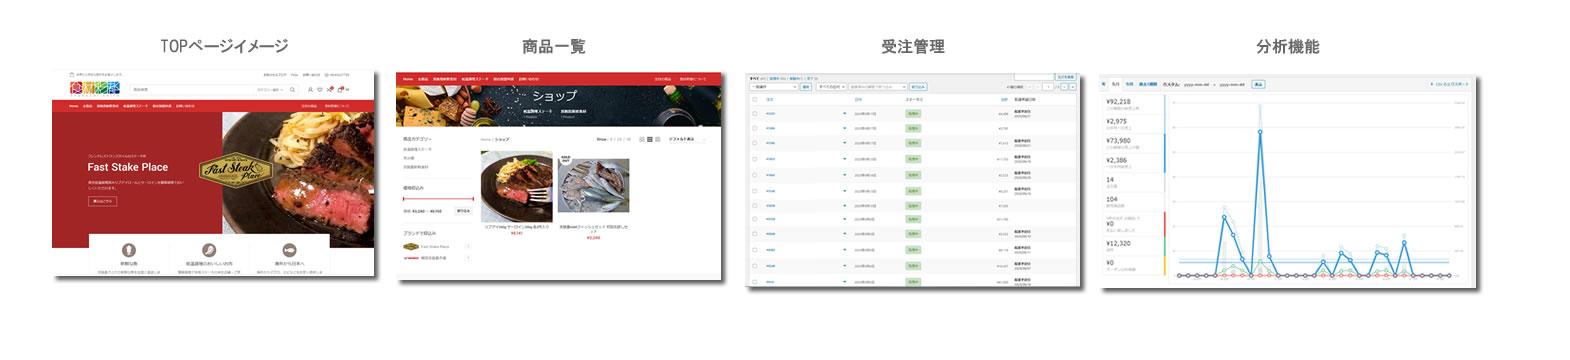 EC画面イメージ